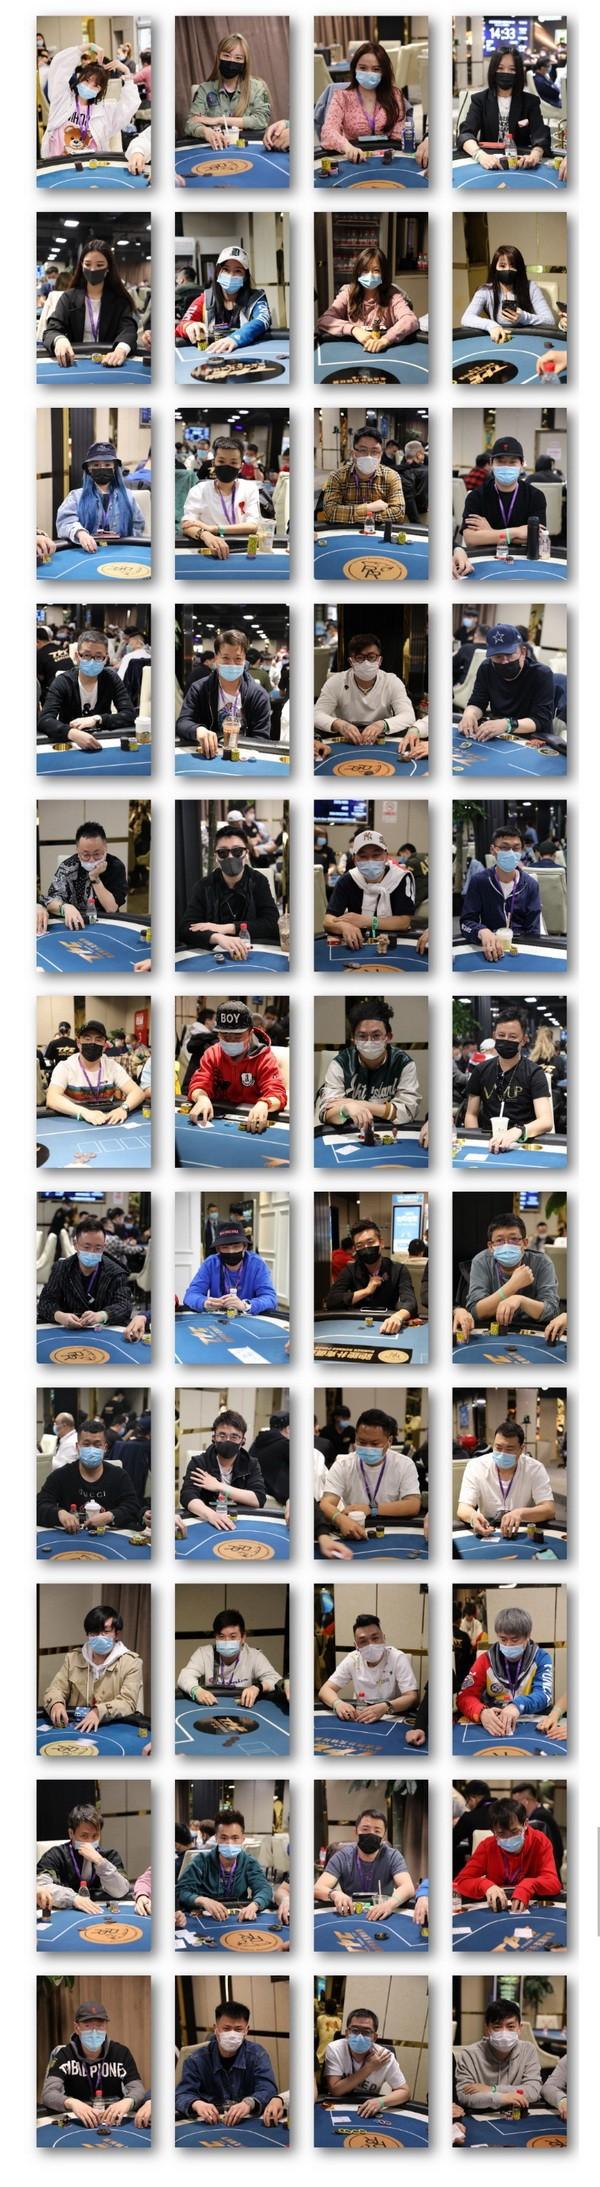 【蜗牛扑克】2021 TPC老虎杯 | 主赛B组359人参赛,任渝钢以43,9500记分量领先!